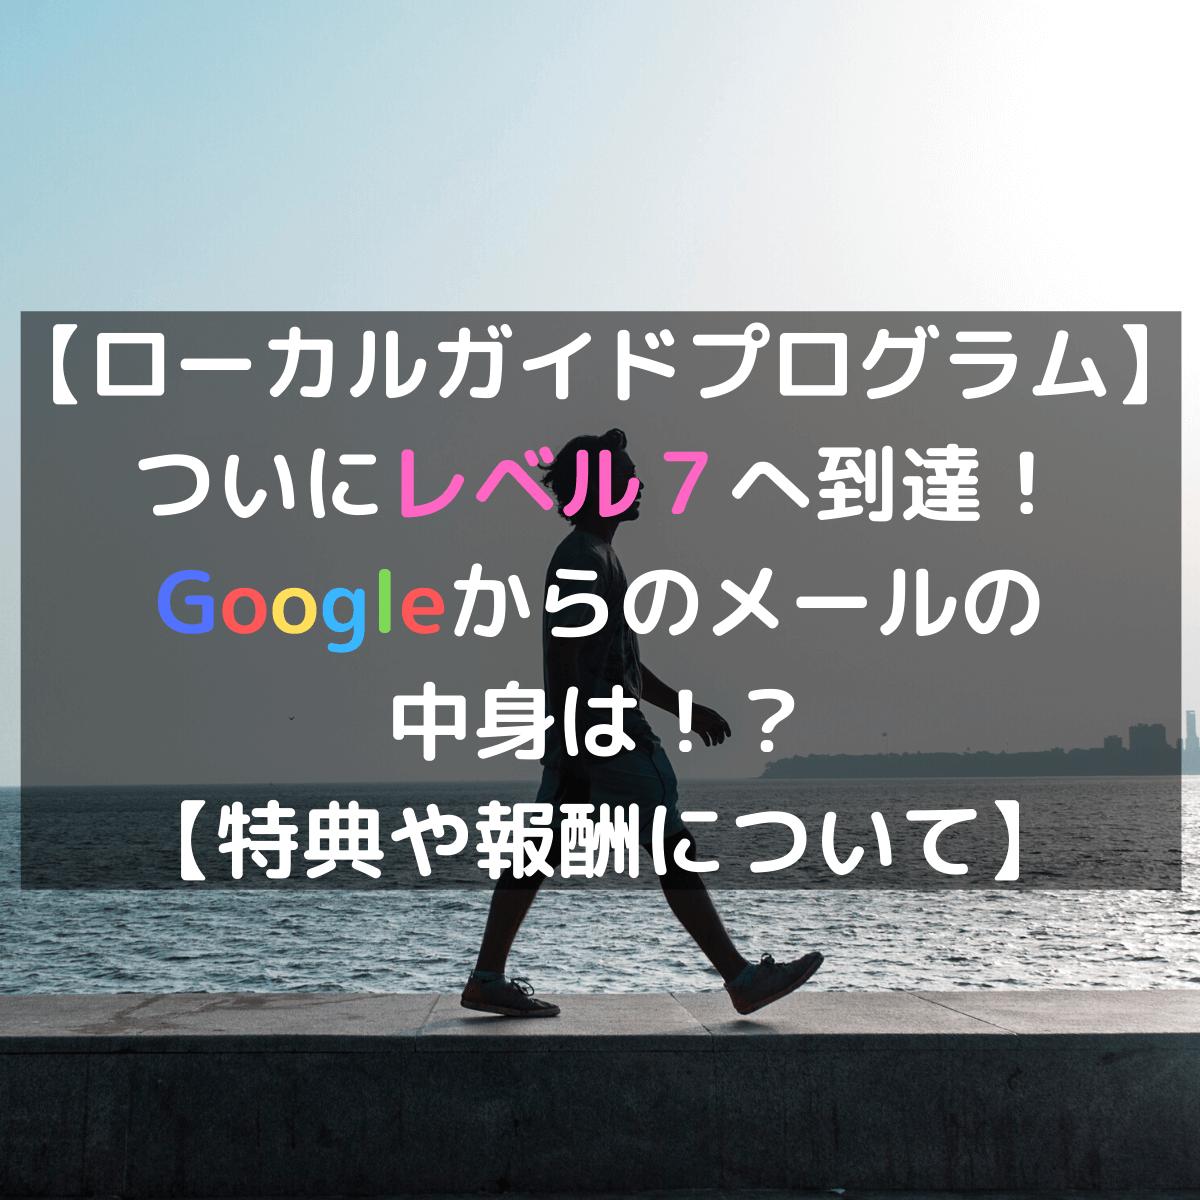 f:id:tosakax:20200113161645p:plain